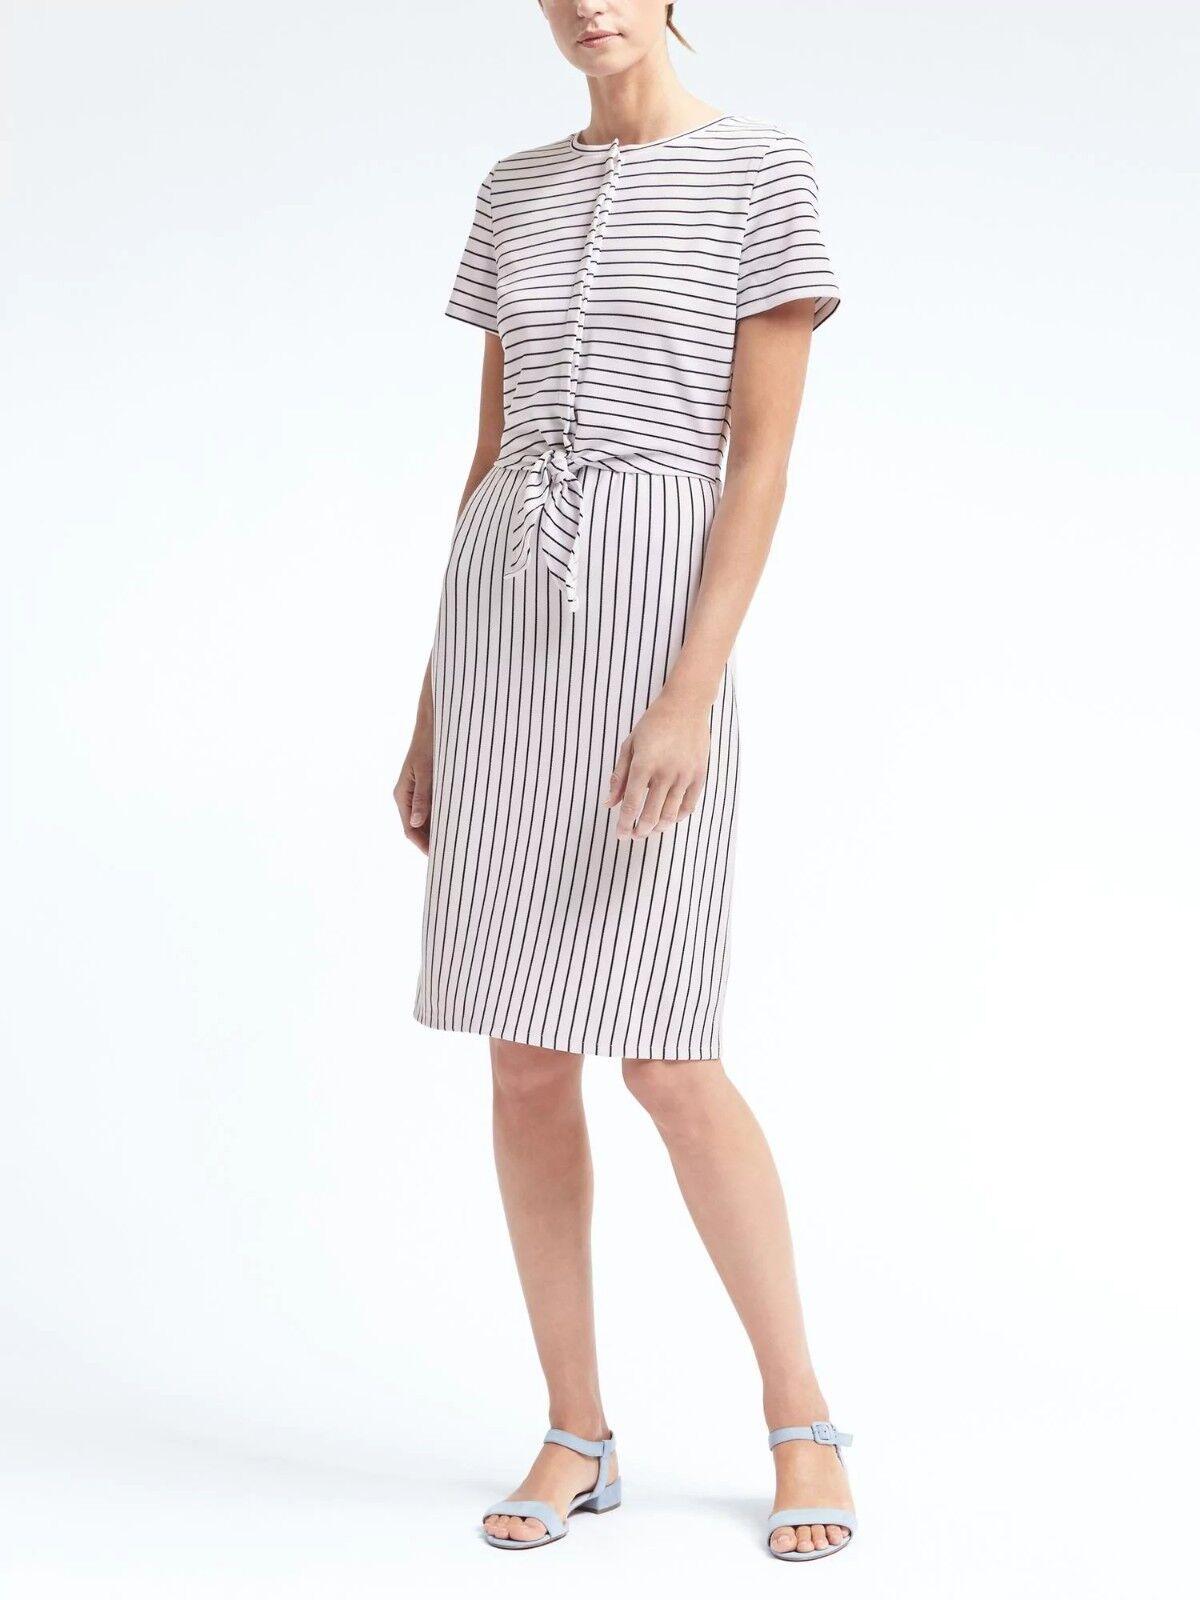 Banana Republic Stripe Tie-Front Dress, Weiß schwarz stripe Größe XS  v829